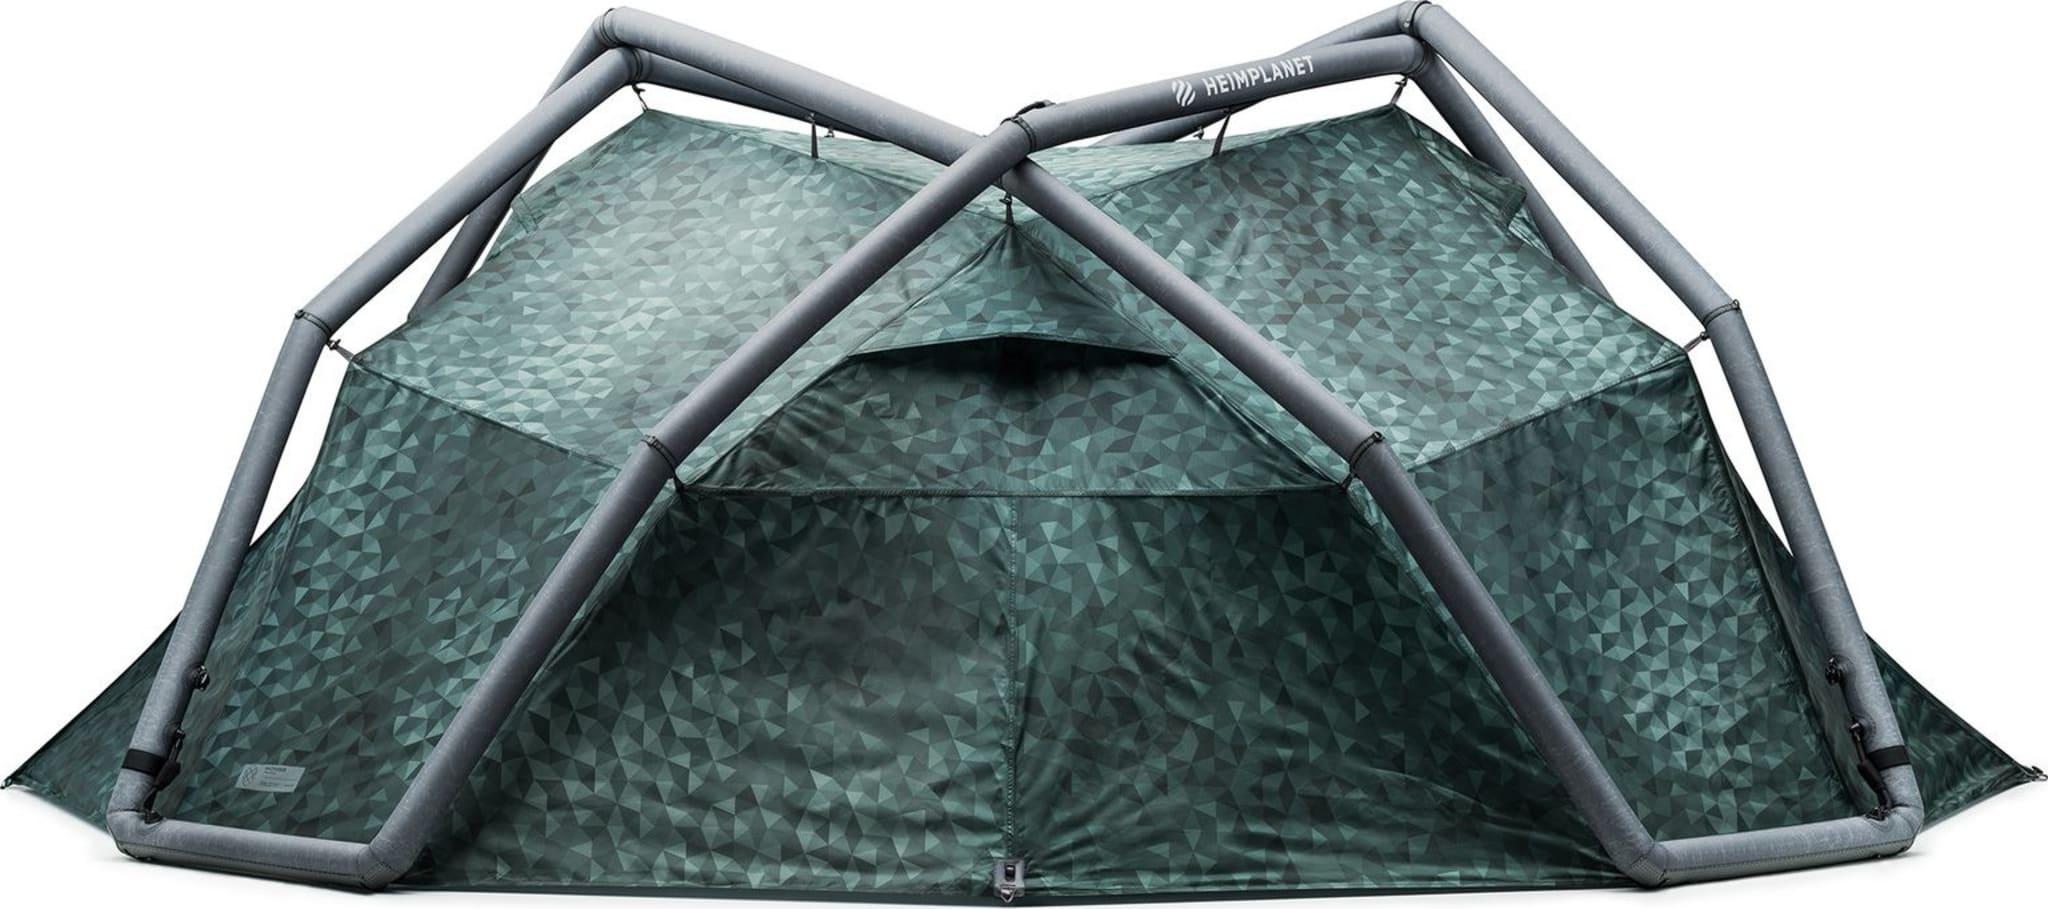 Romslig telt med stort bruksområde